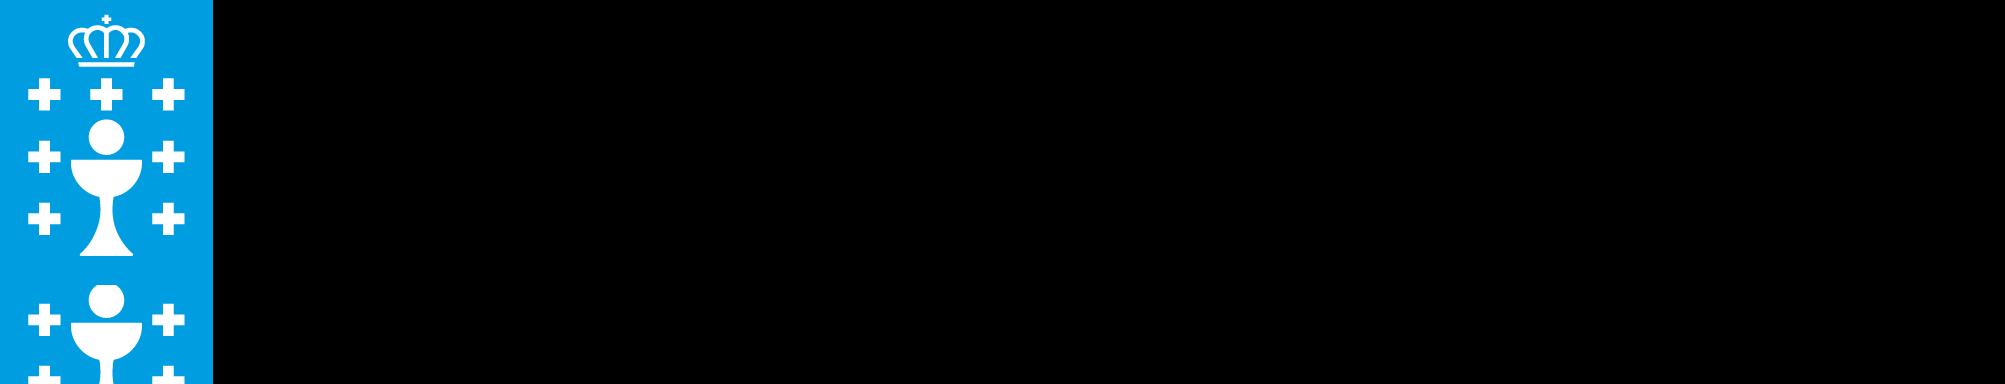 logo_sxigualdade_color_4